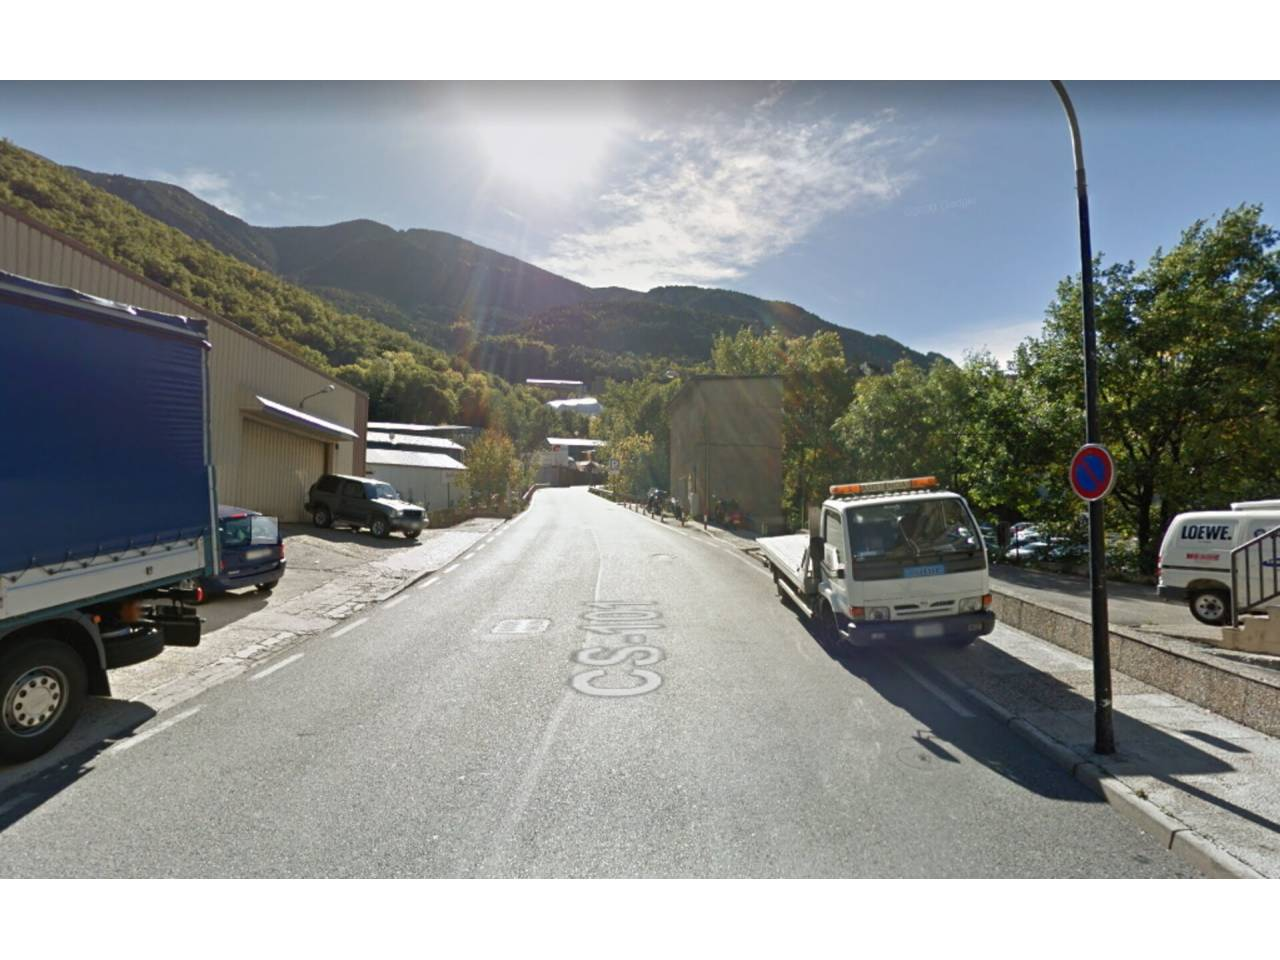 Nau comercial en venda en Andorra la Vella